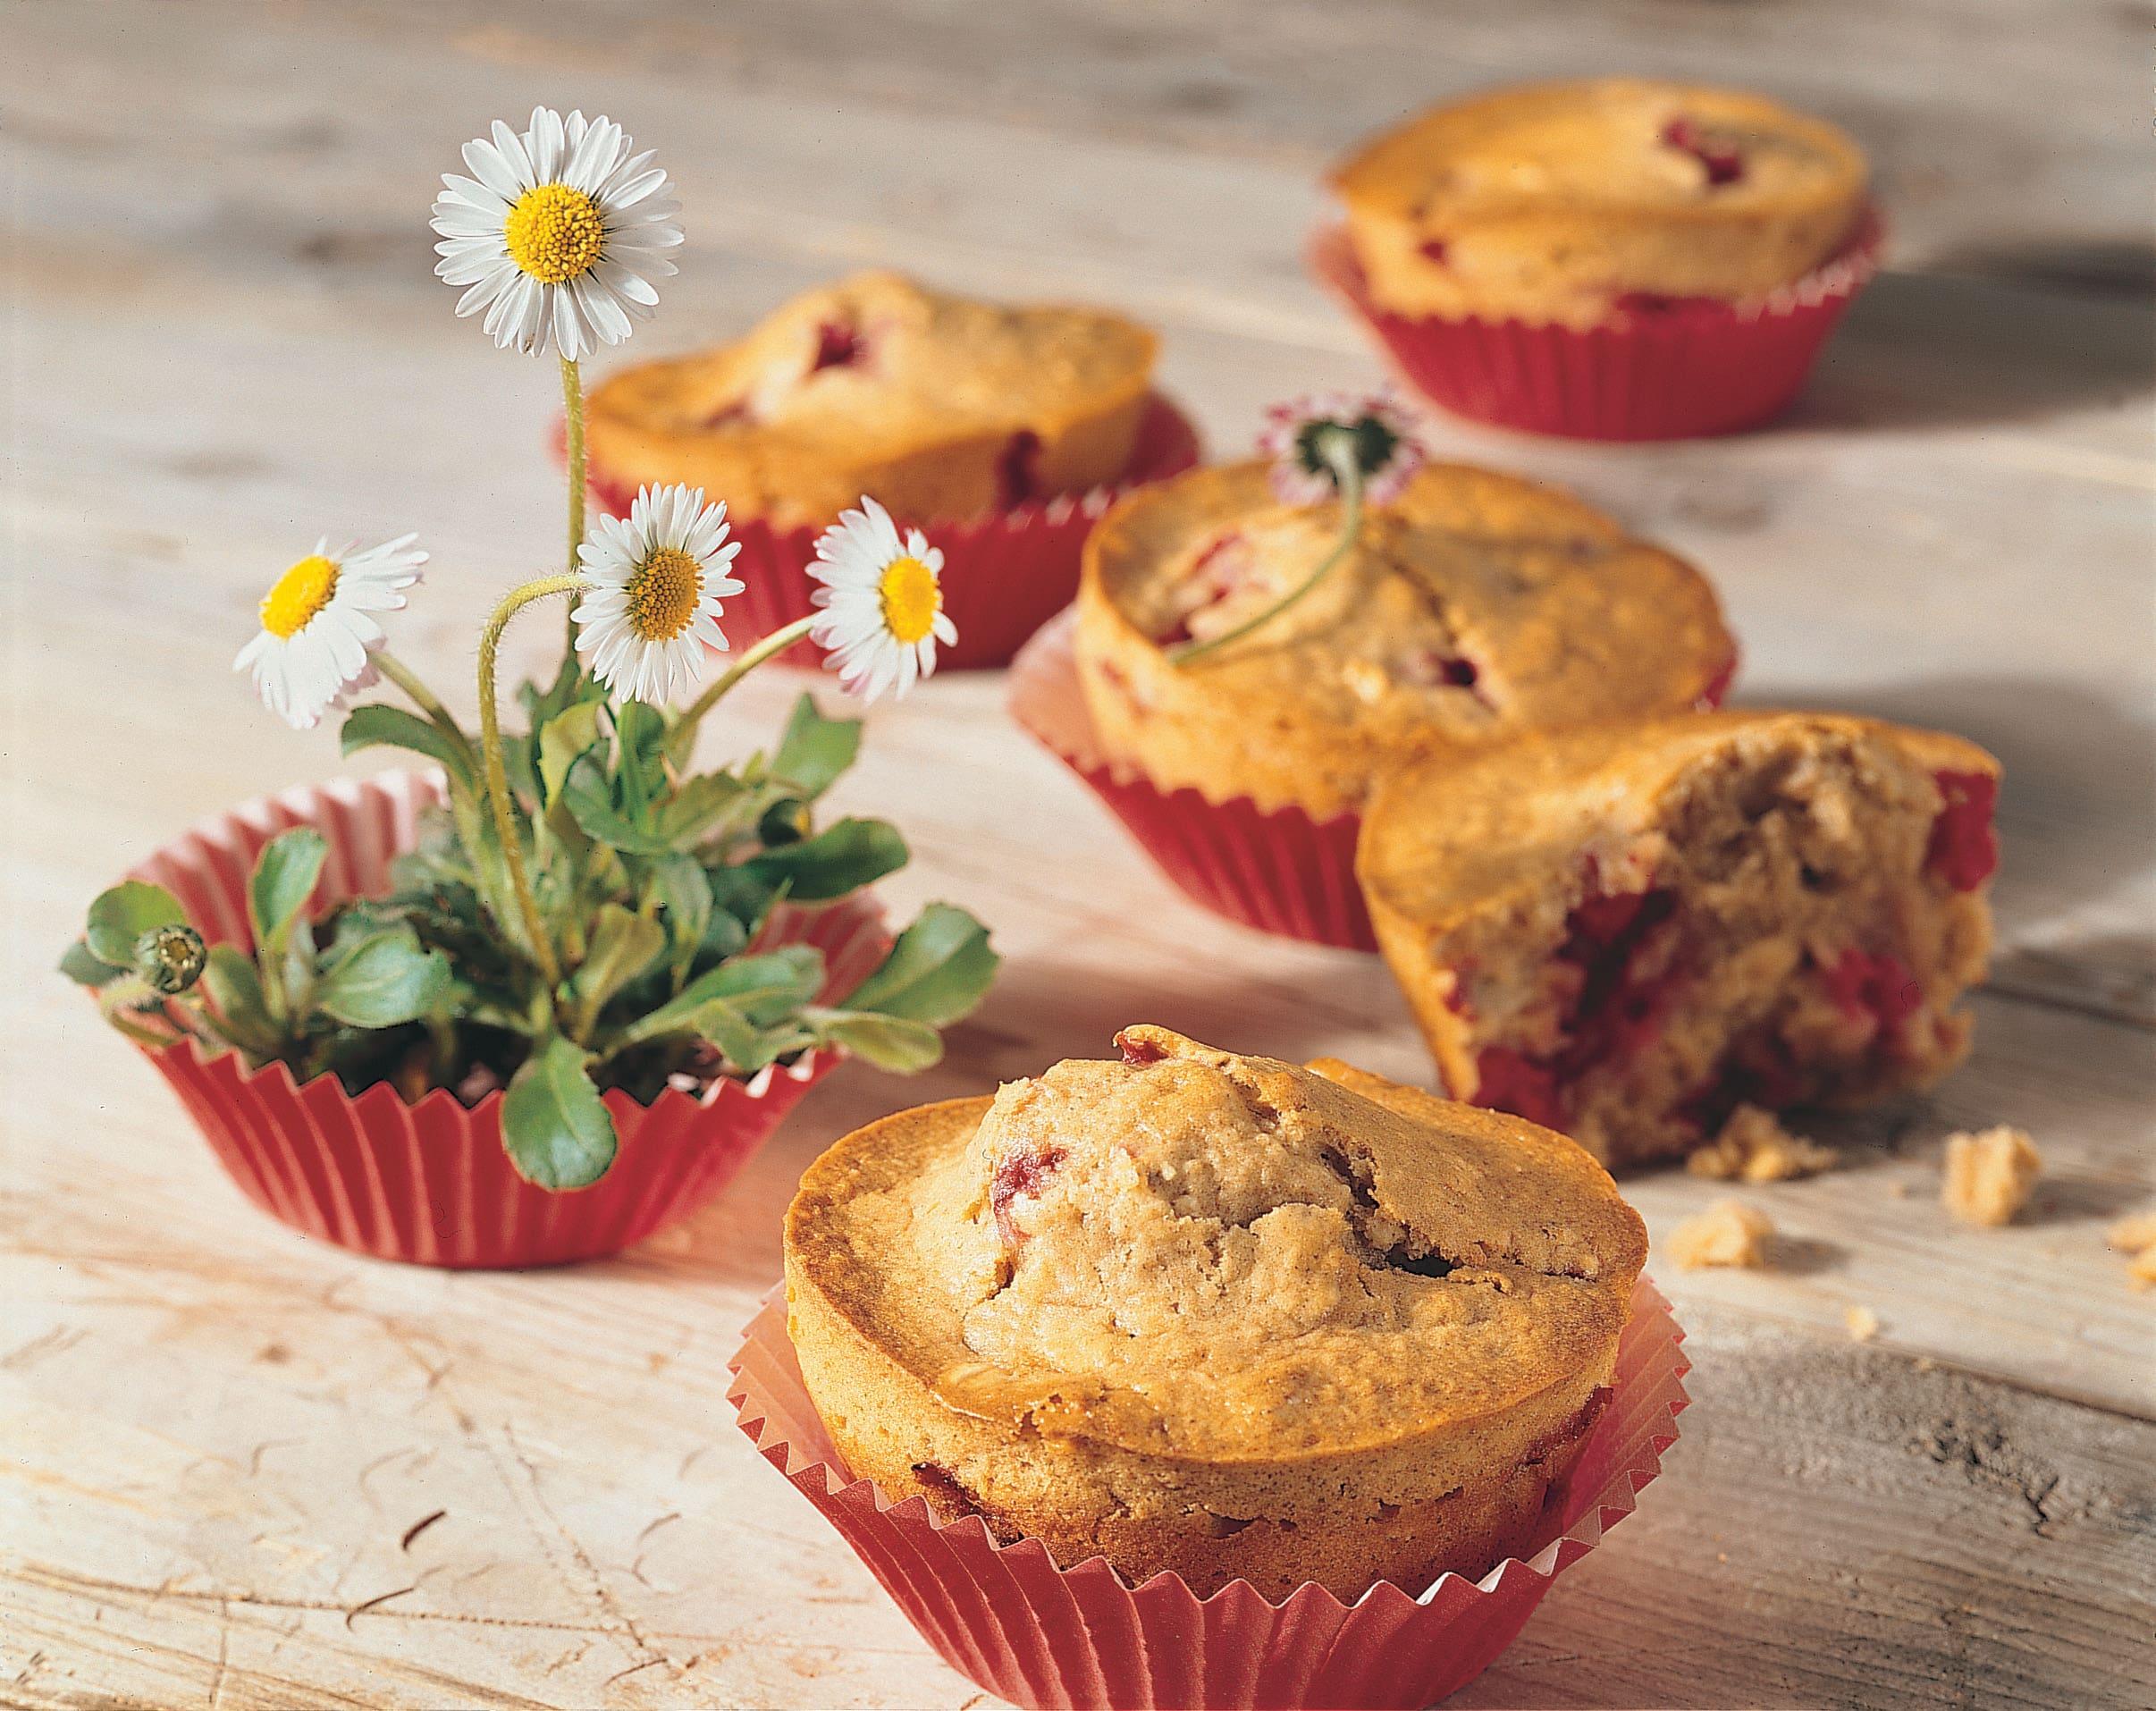 Müesli-Muffins mit Mascarpone